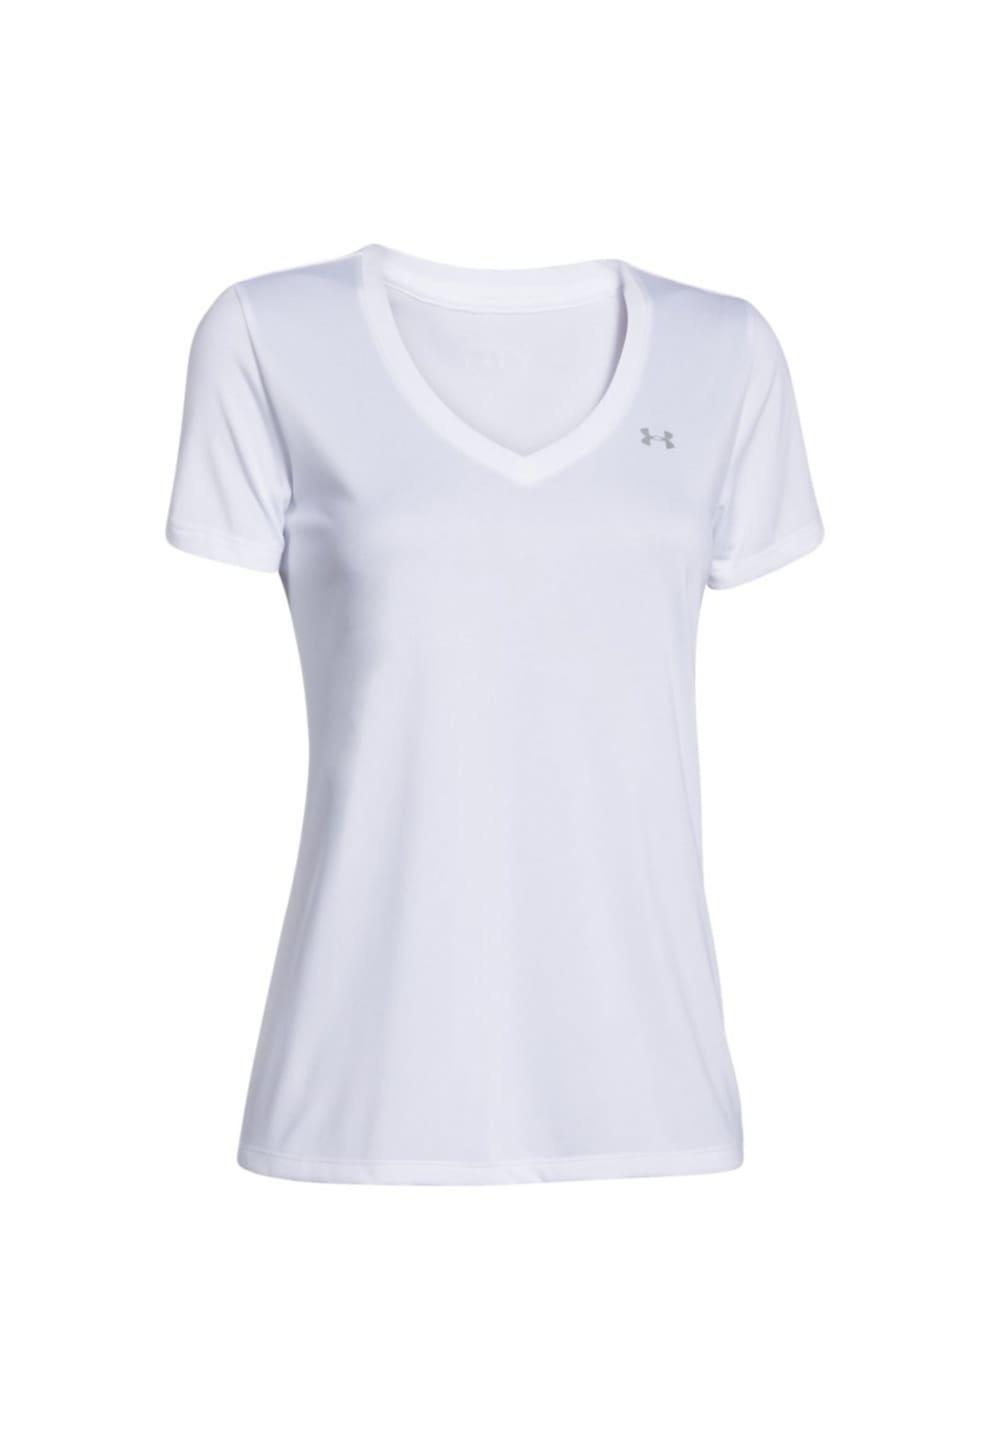 Under Armour Tech Short Sleeve - Solid - Laufshirts für Damen - Grau